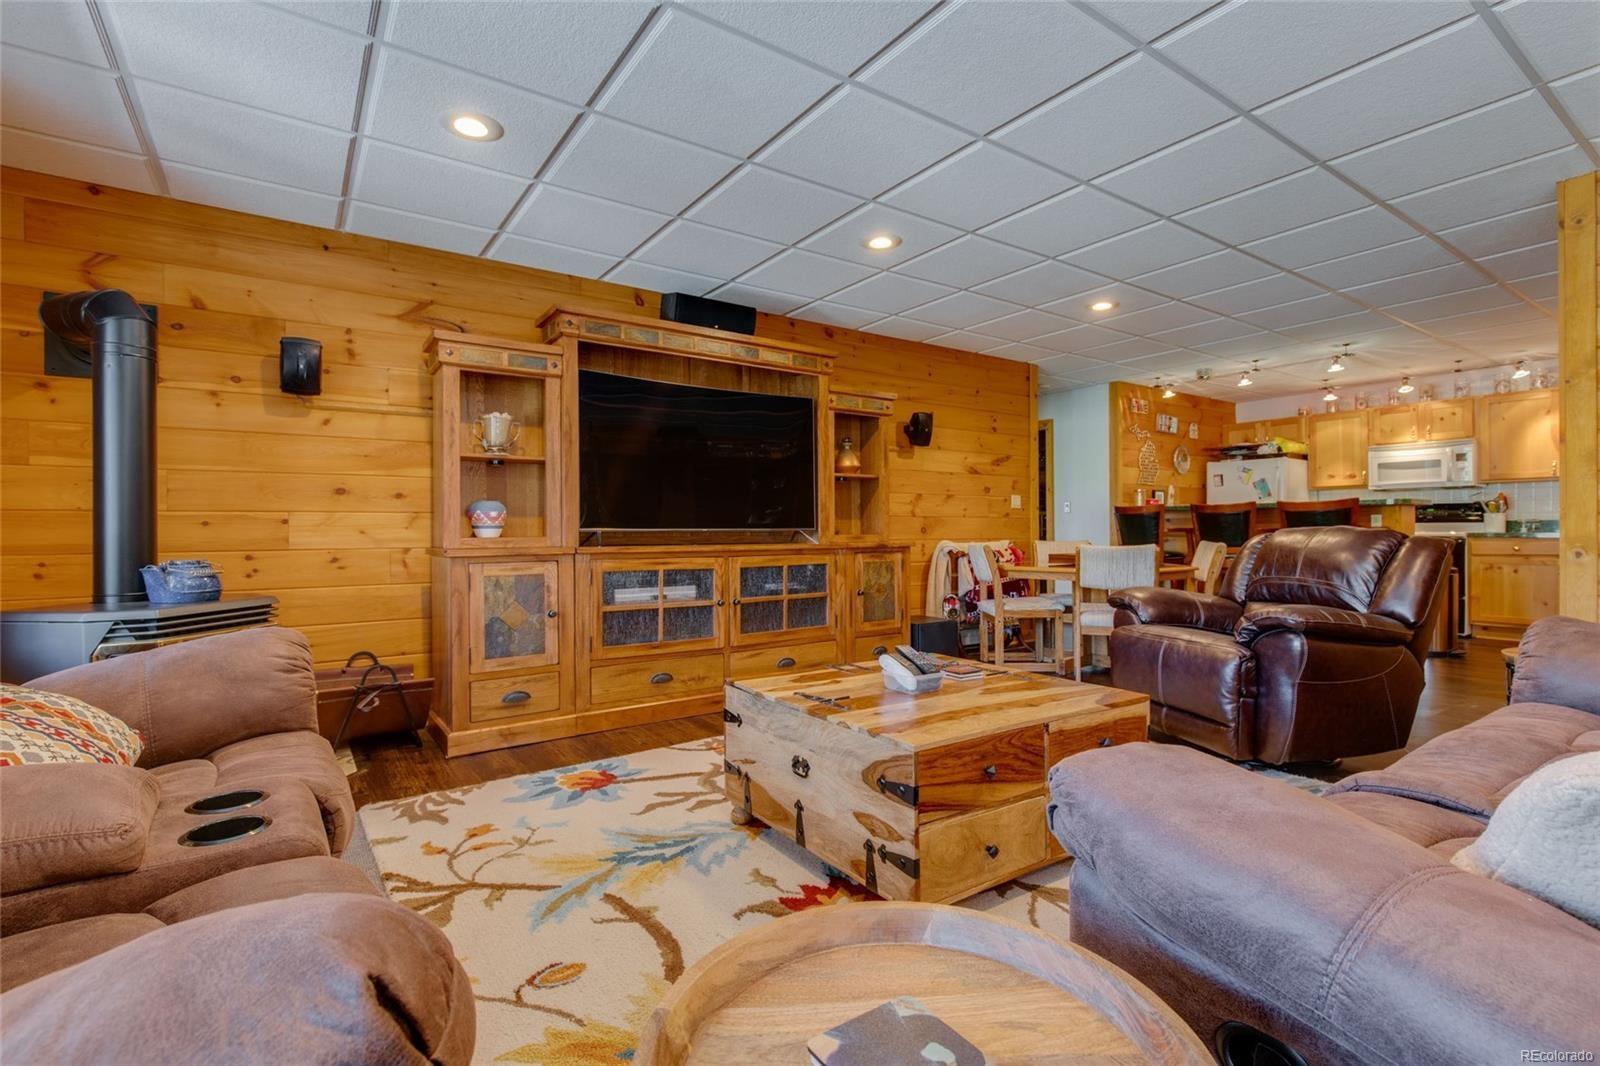 MLS# 2676932 - 25 - 210 Bear Drive, Golden, CO 80403